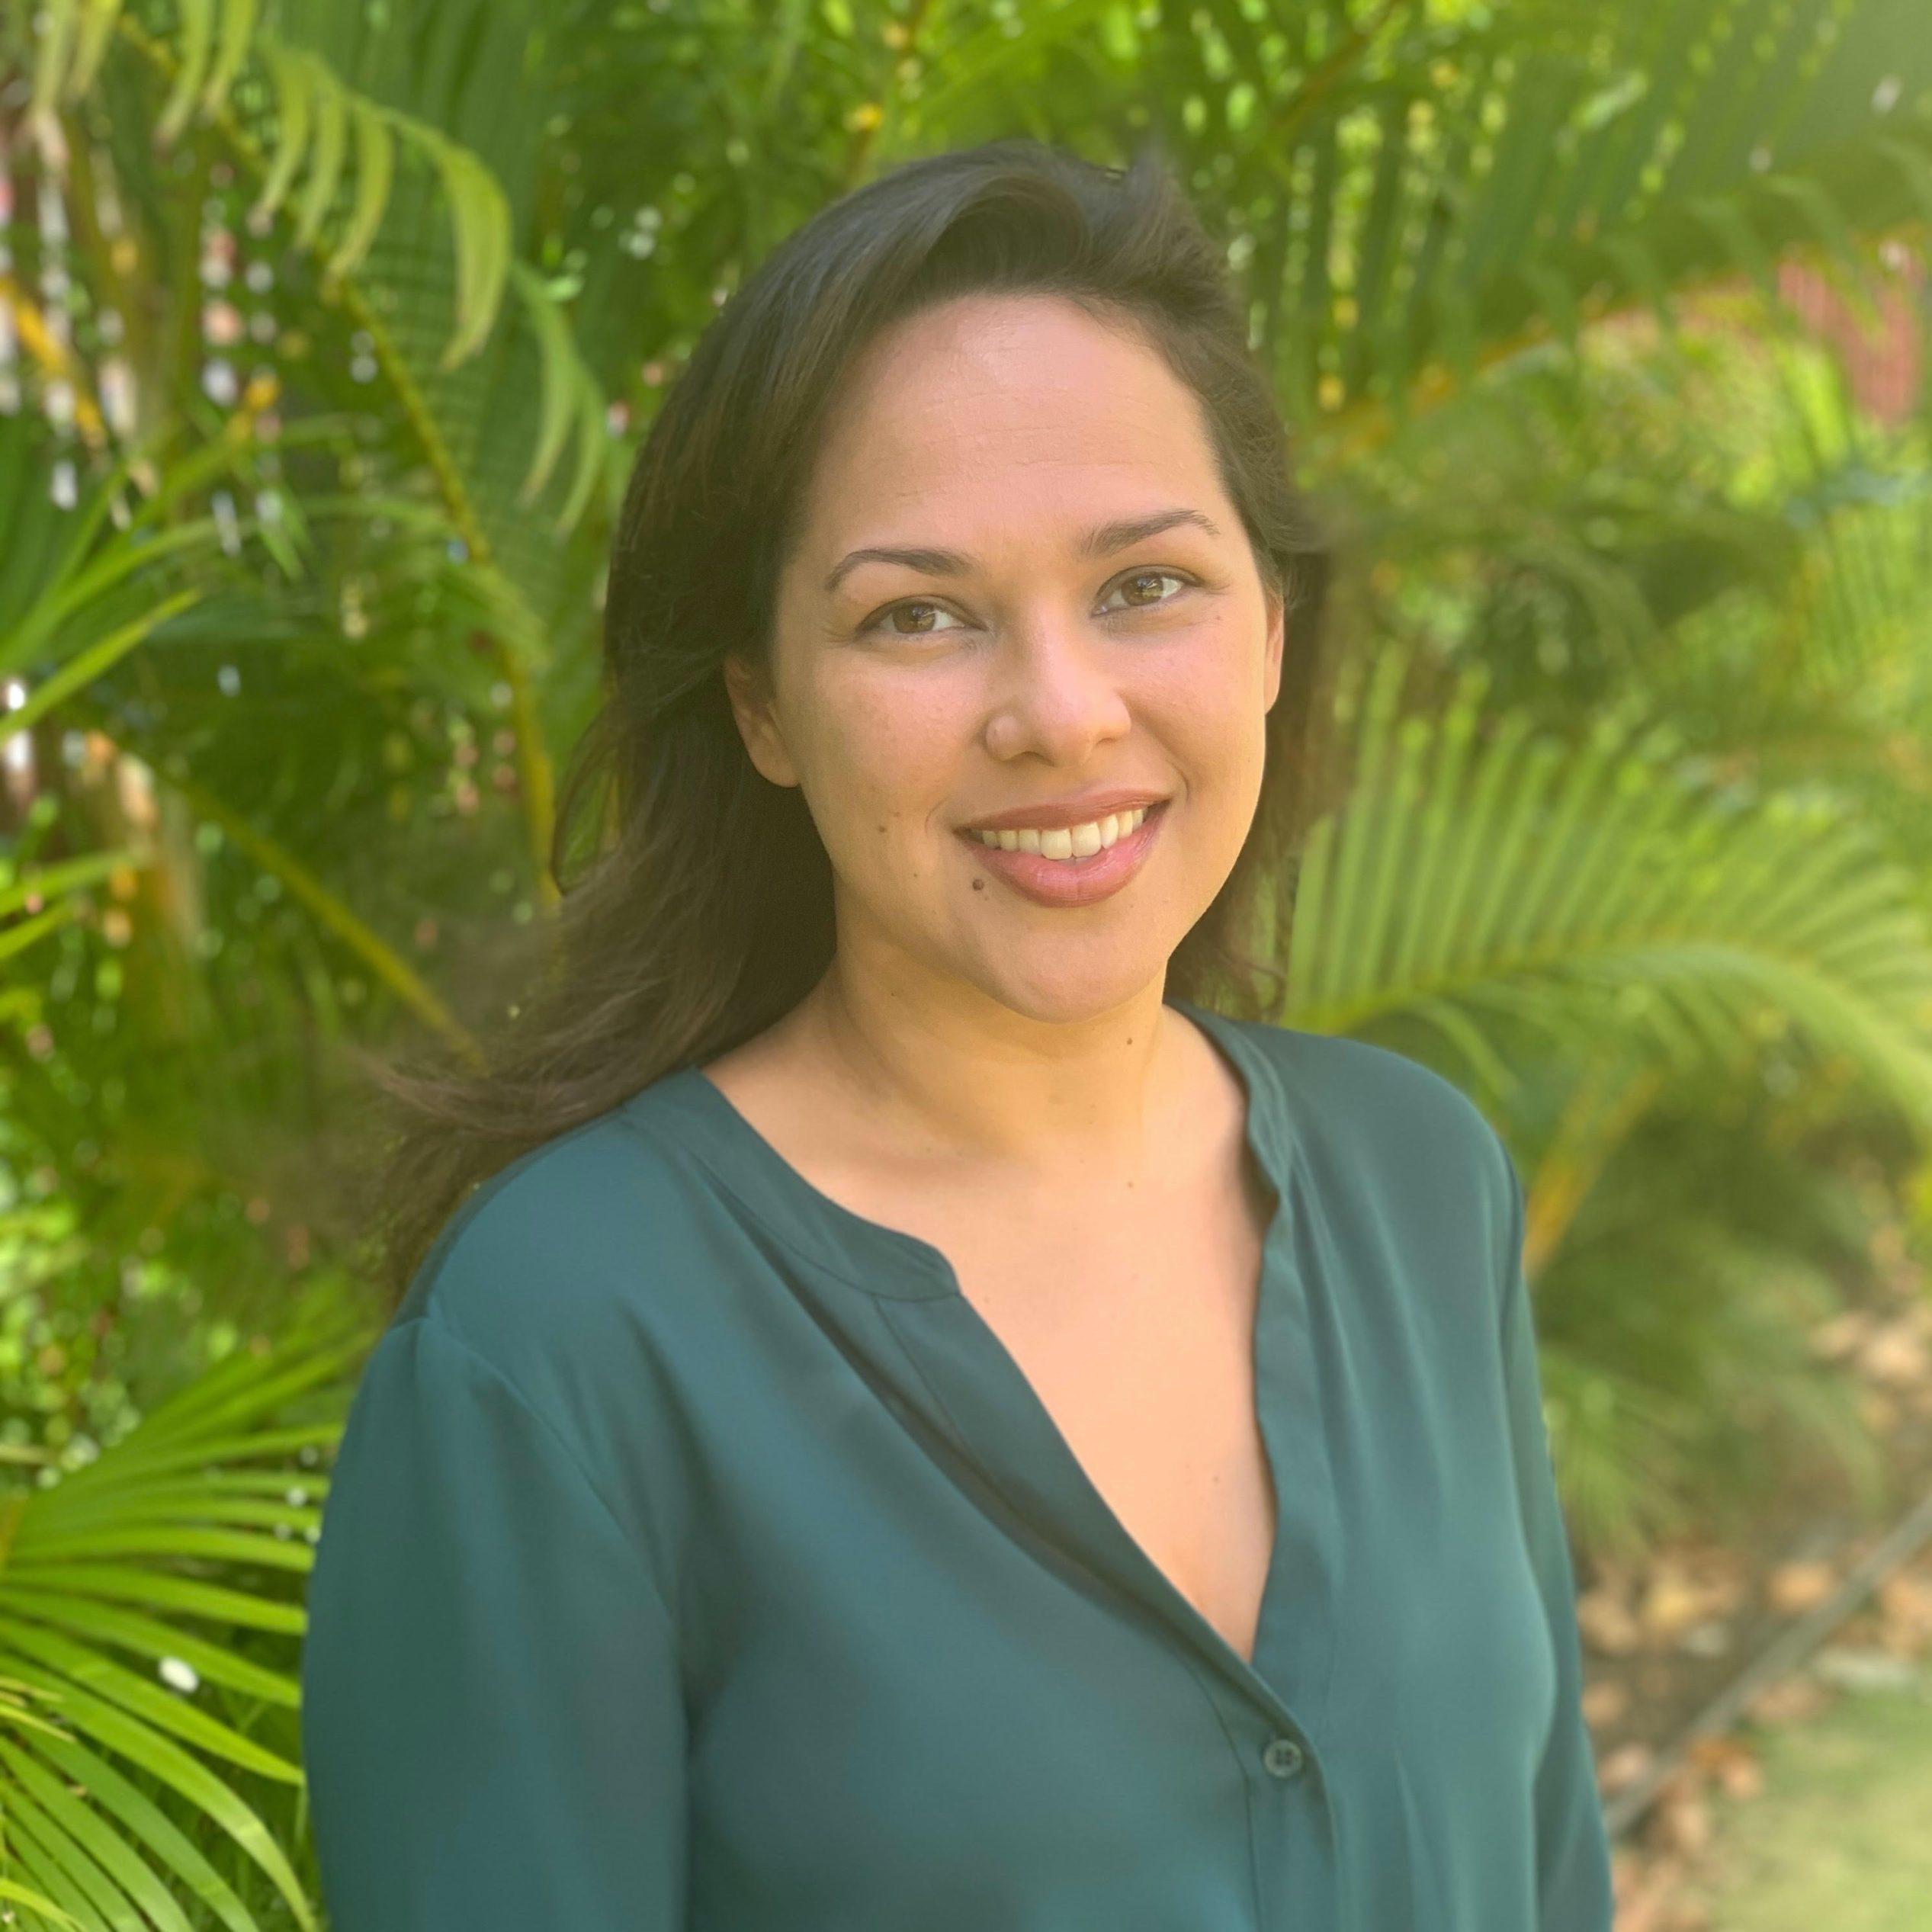 Dr. Rebecca Kaʻanehe